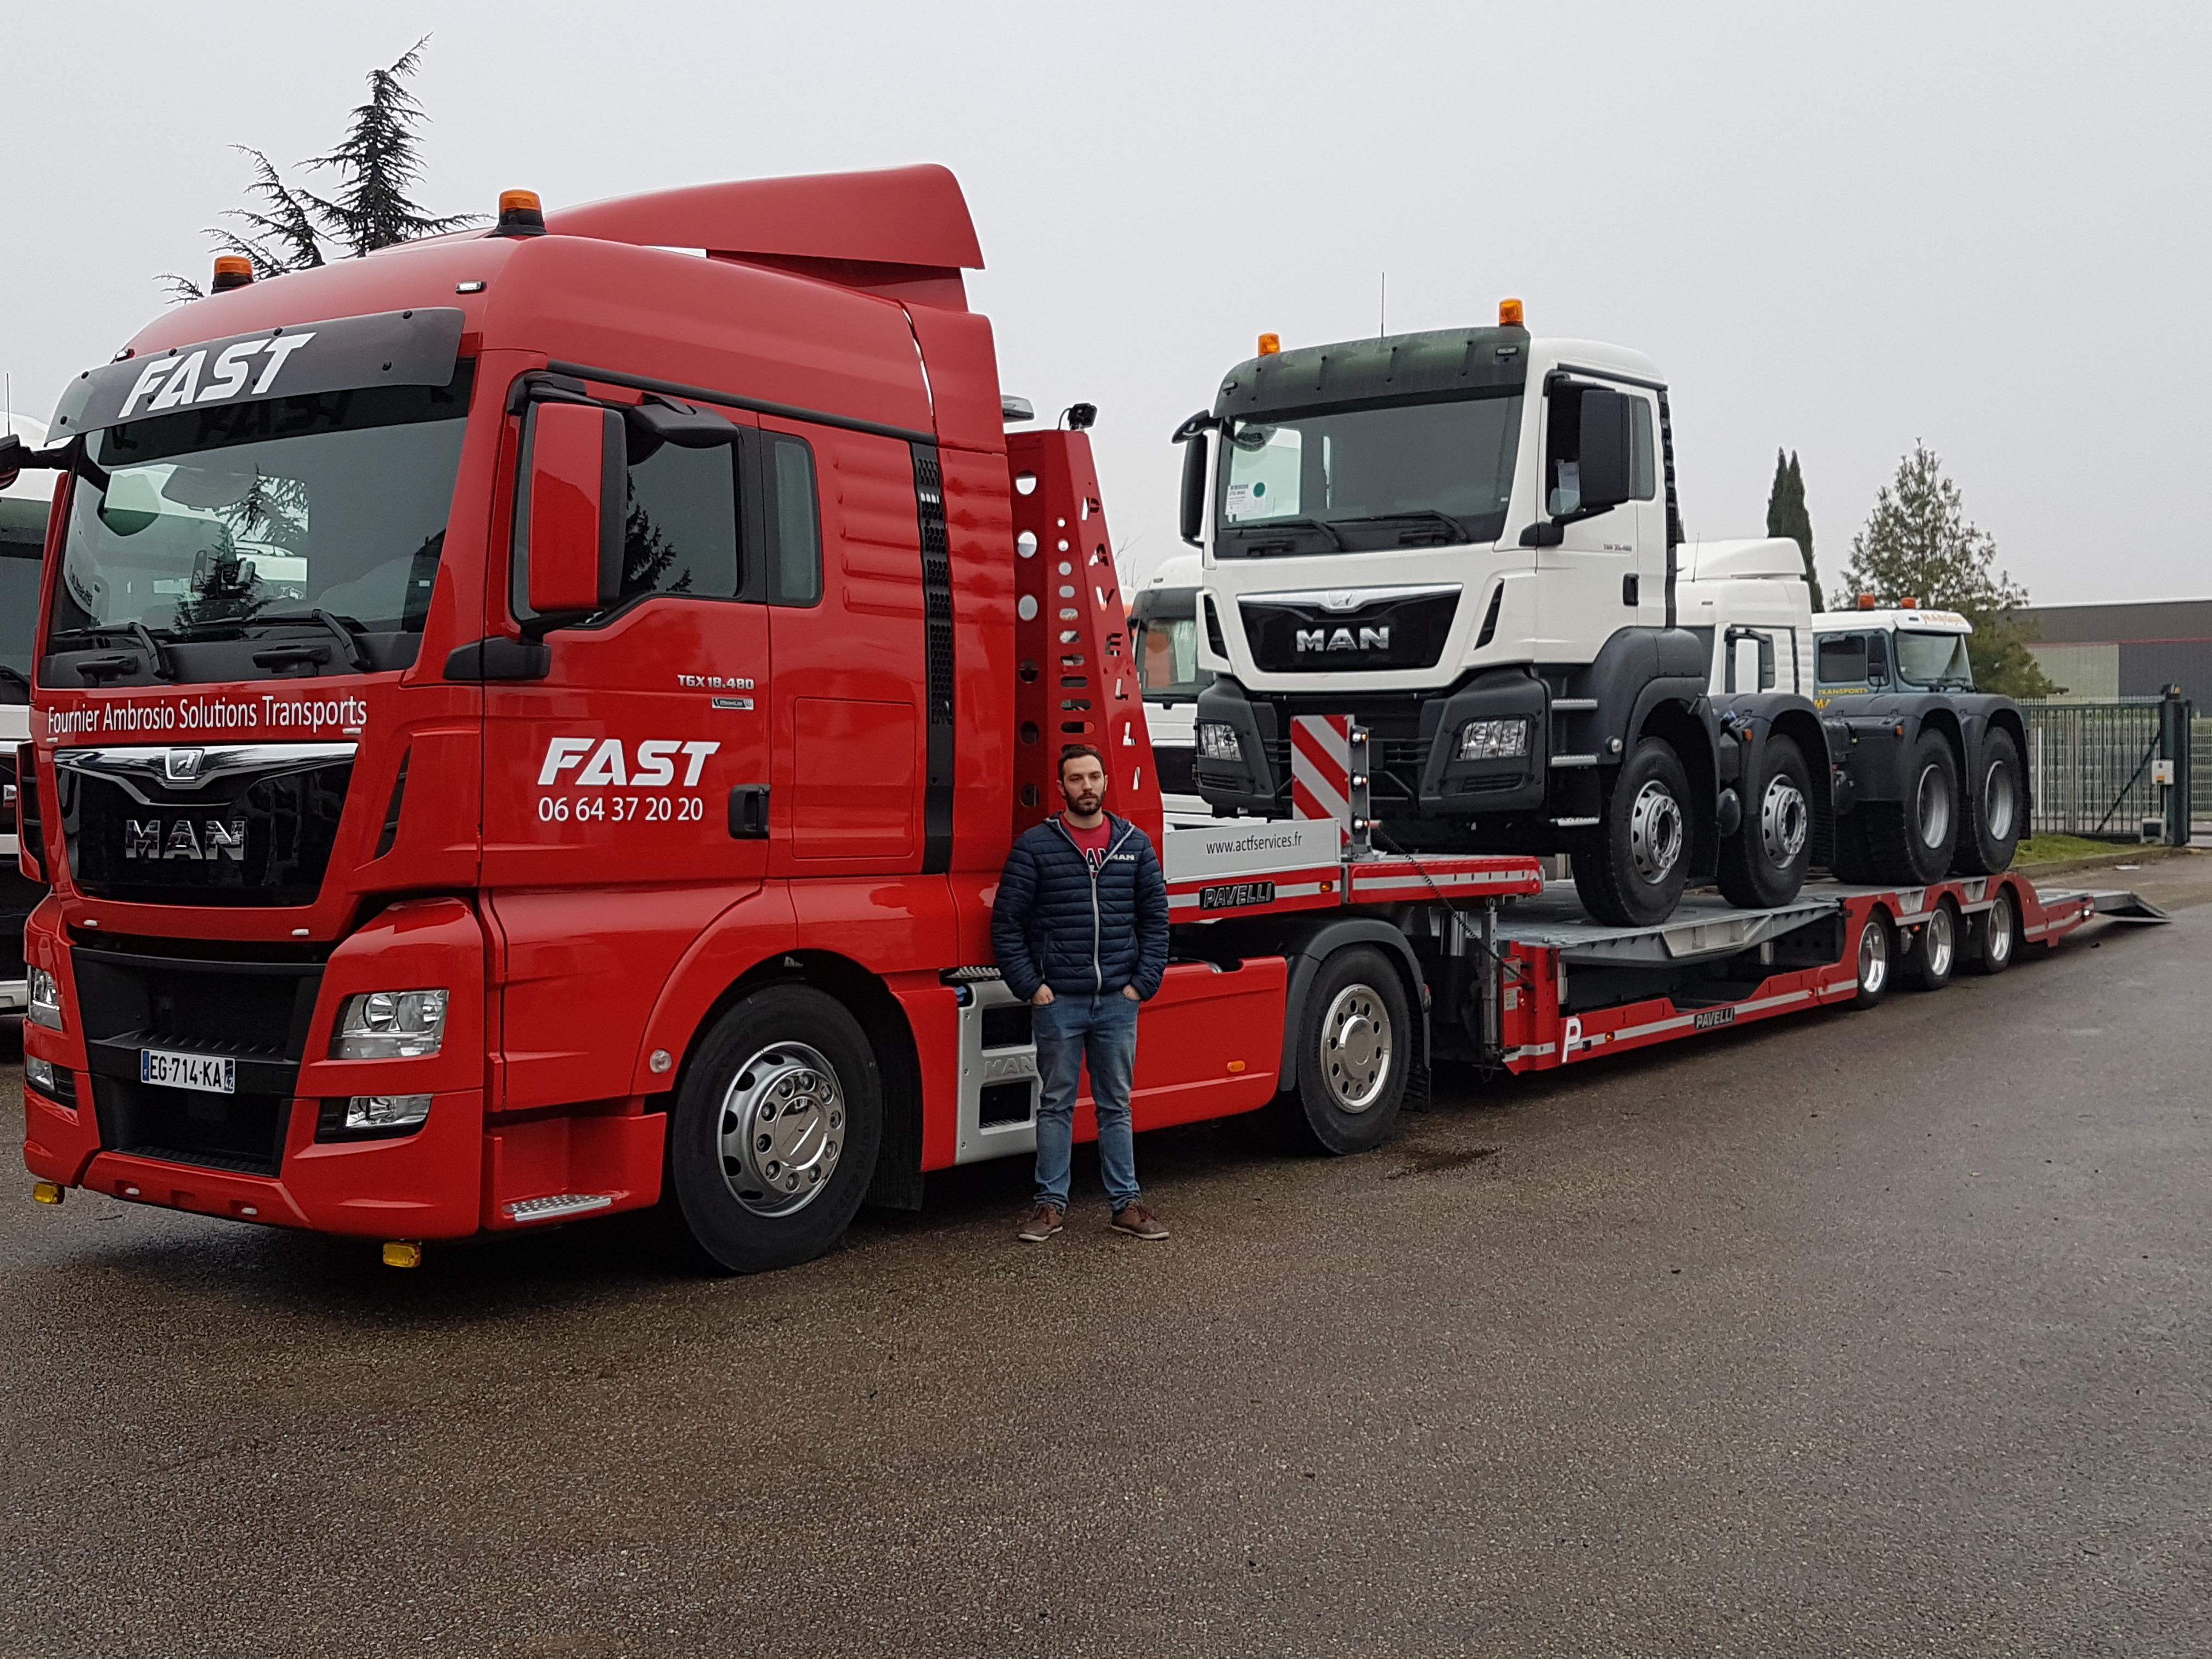 man truck  u0026 bus france a  u00e9t u00e9 choisi pour fournir  u00e0 la